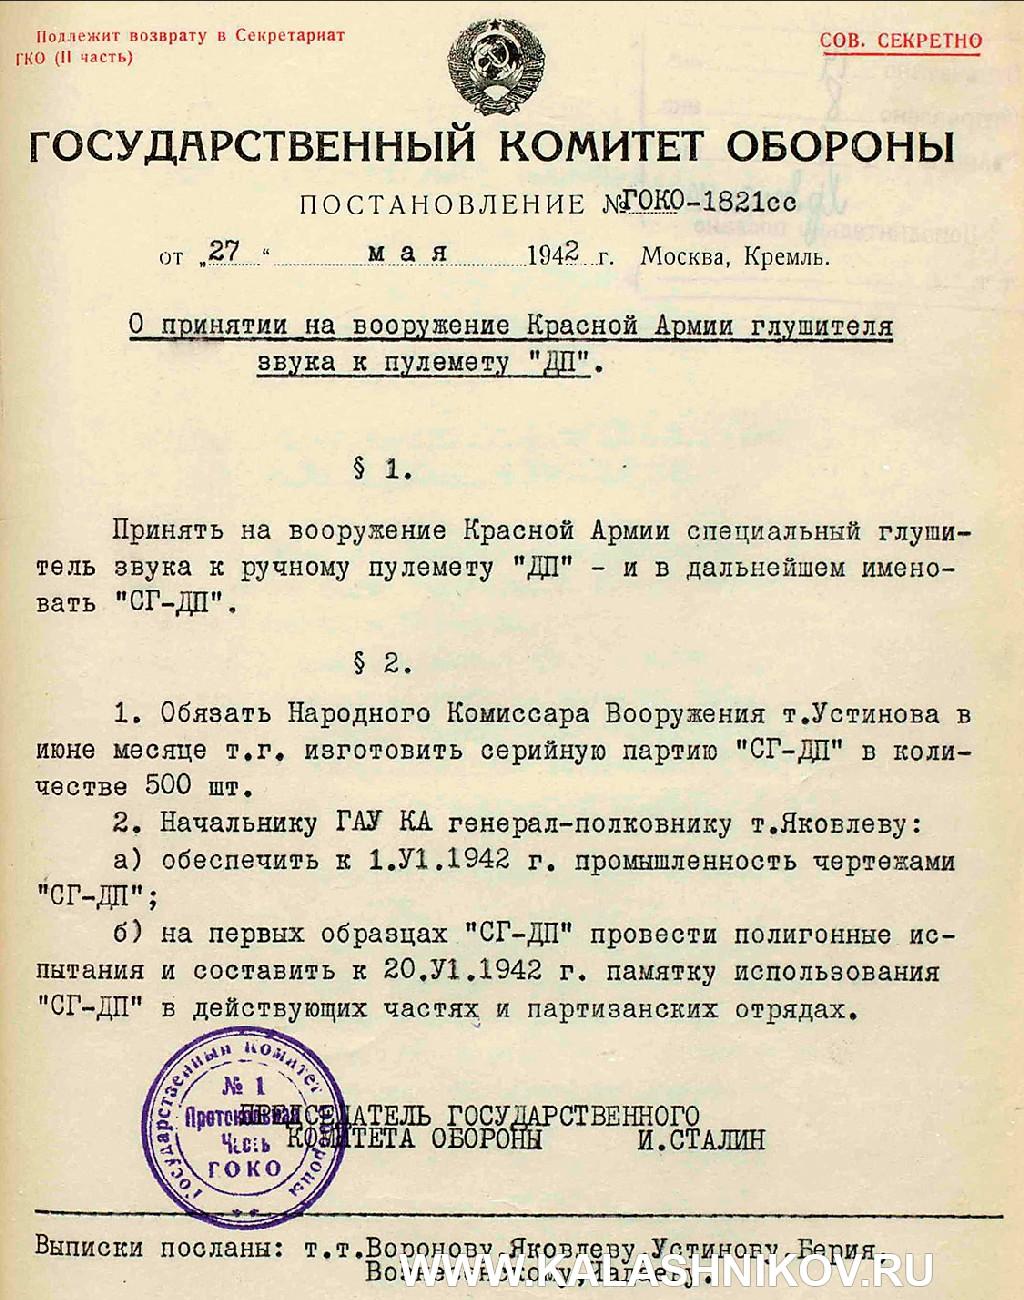 Постановление ГКО №1821сс о принятии на вооружение Красной армии глушителя звука выстрела СГ-ДП